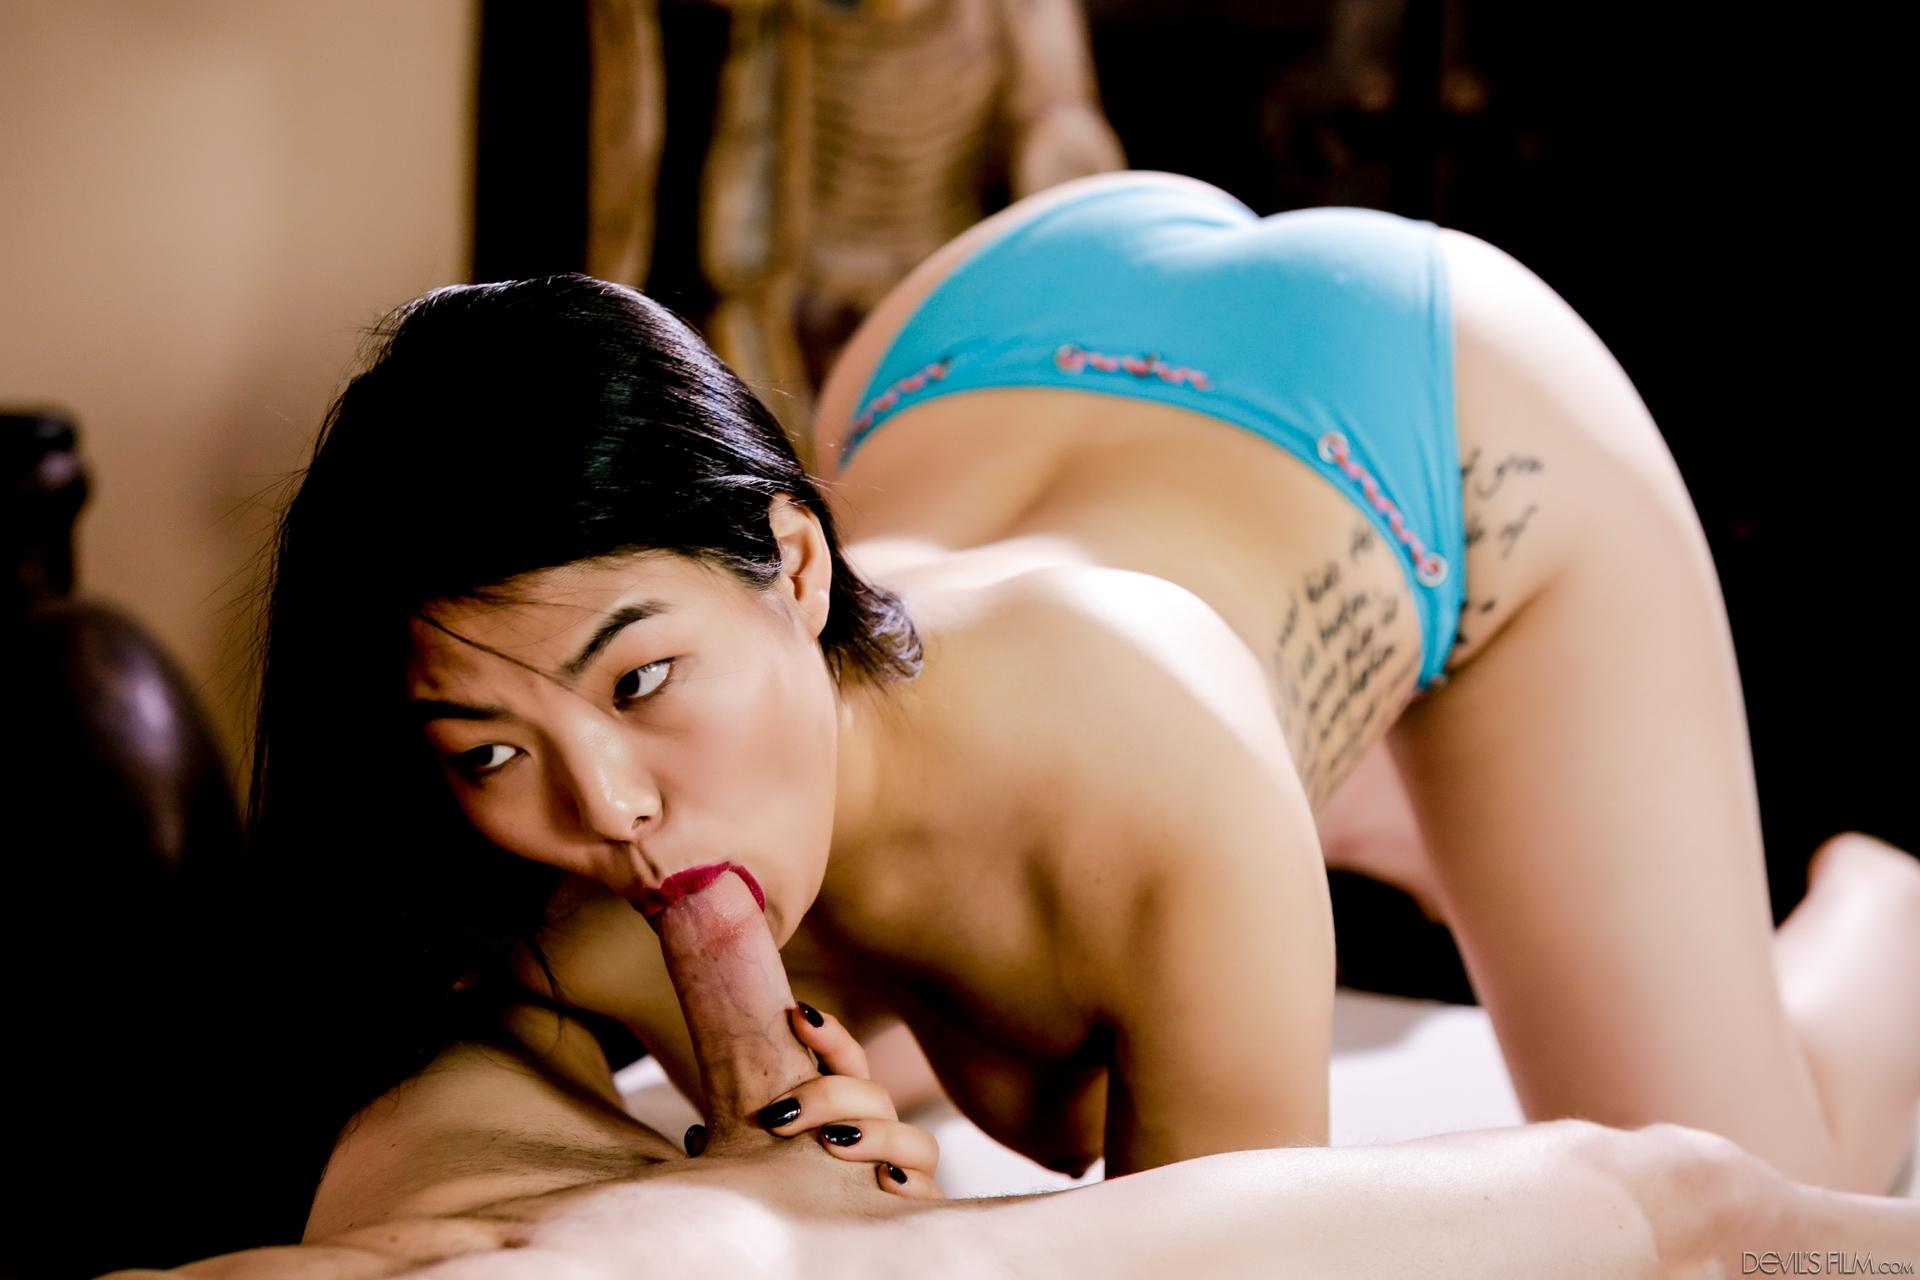 Asiatinnen Pornos. Galerie - 2034. Foto - 7